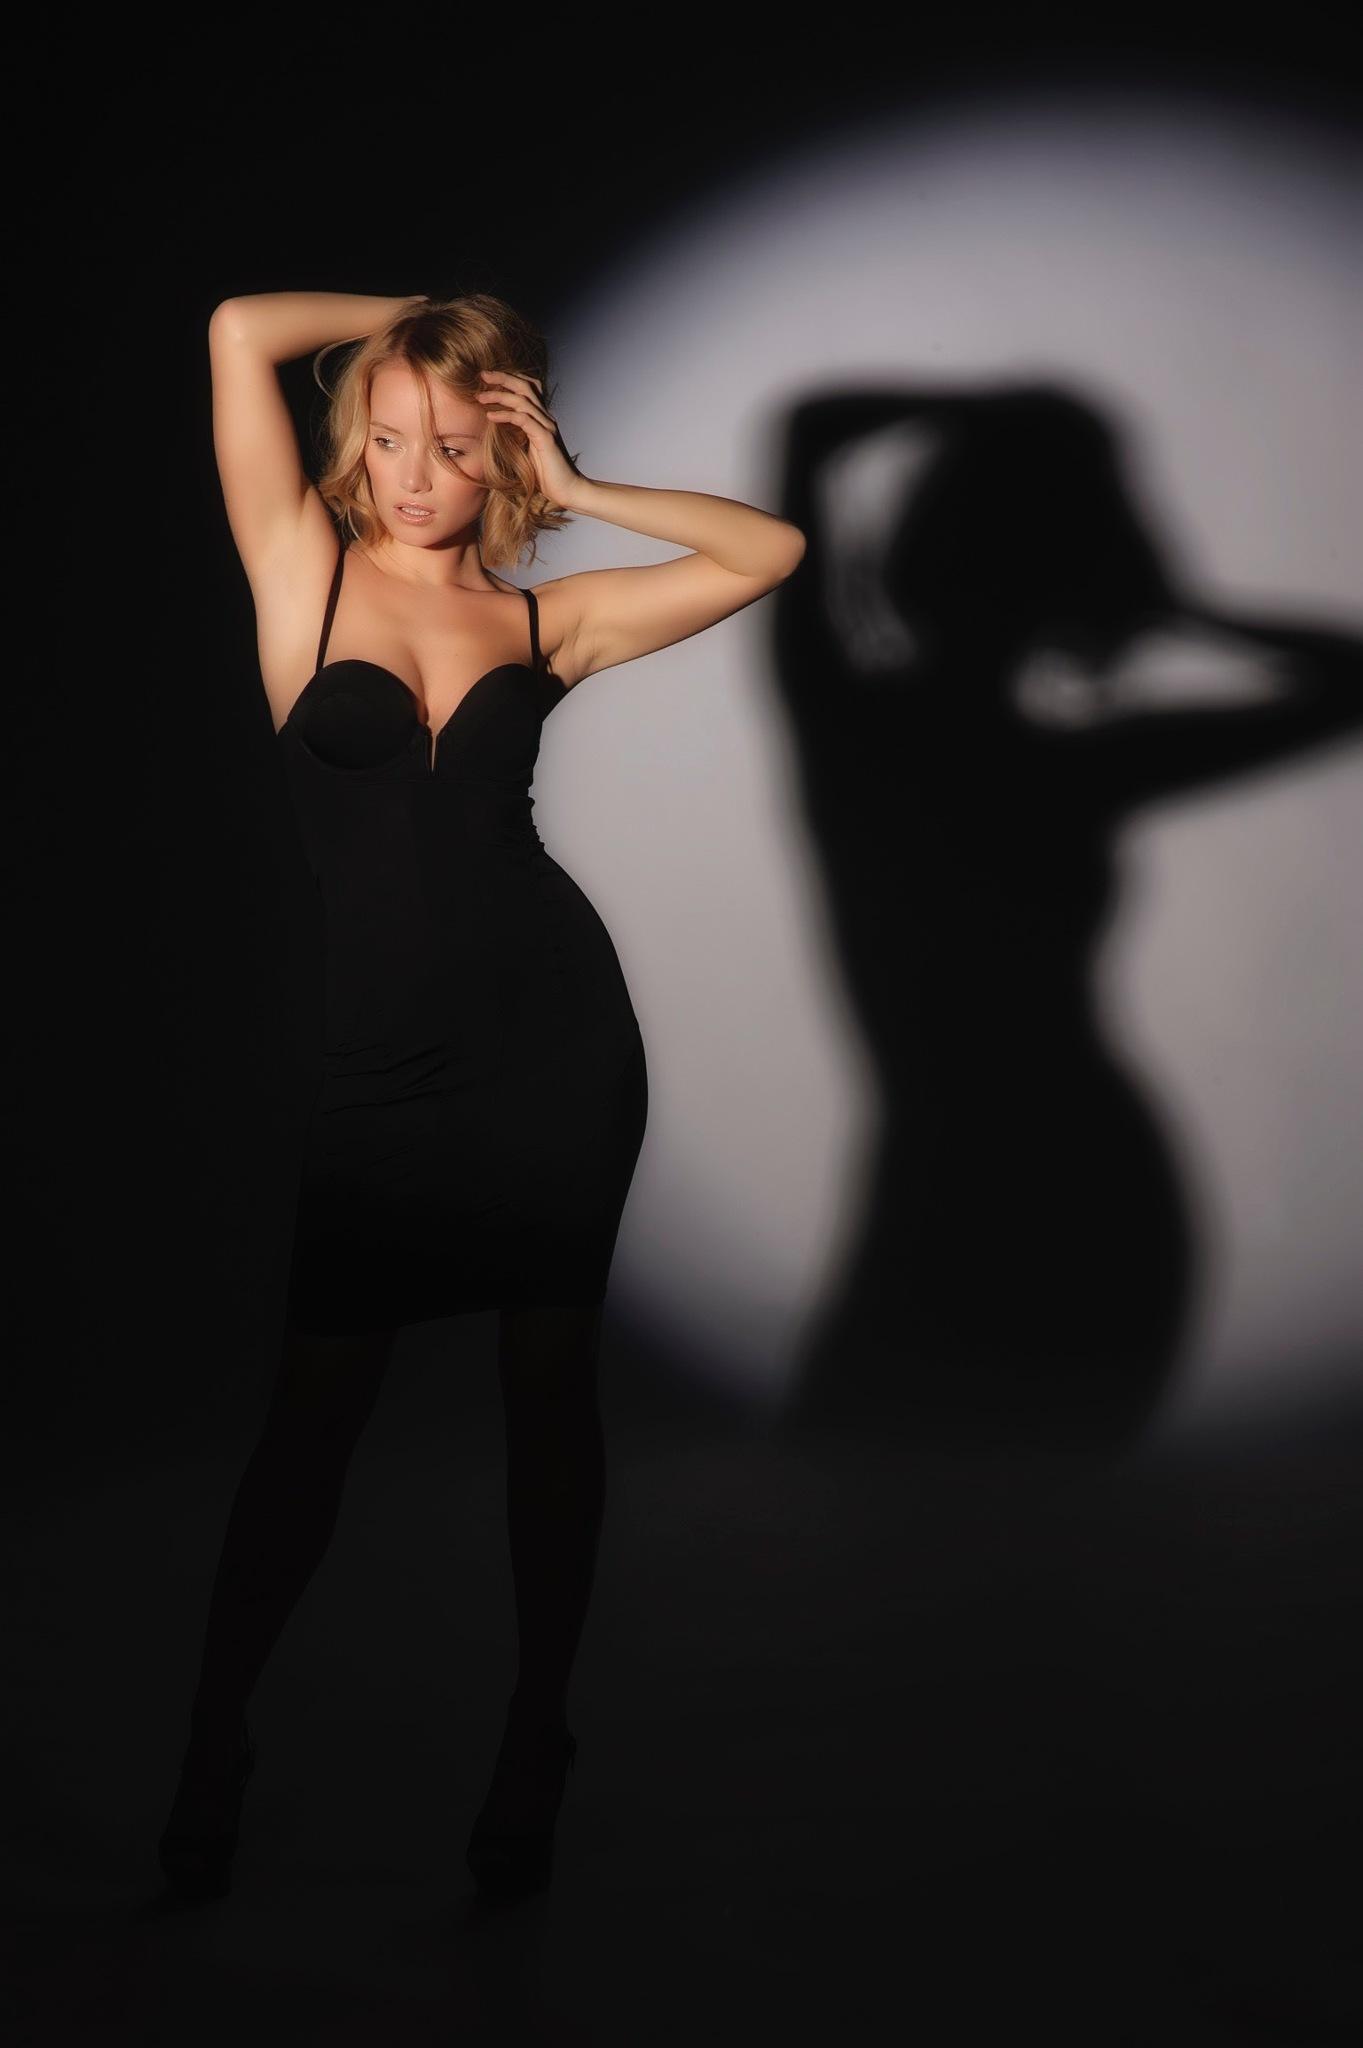 Gaby in shadow  by JHFotowereld